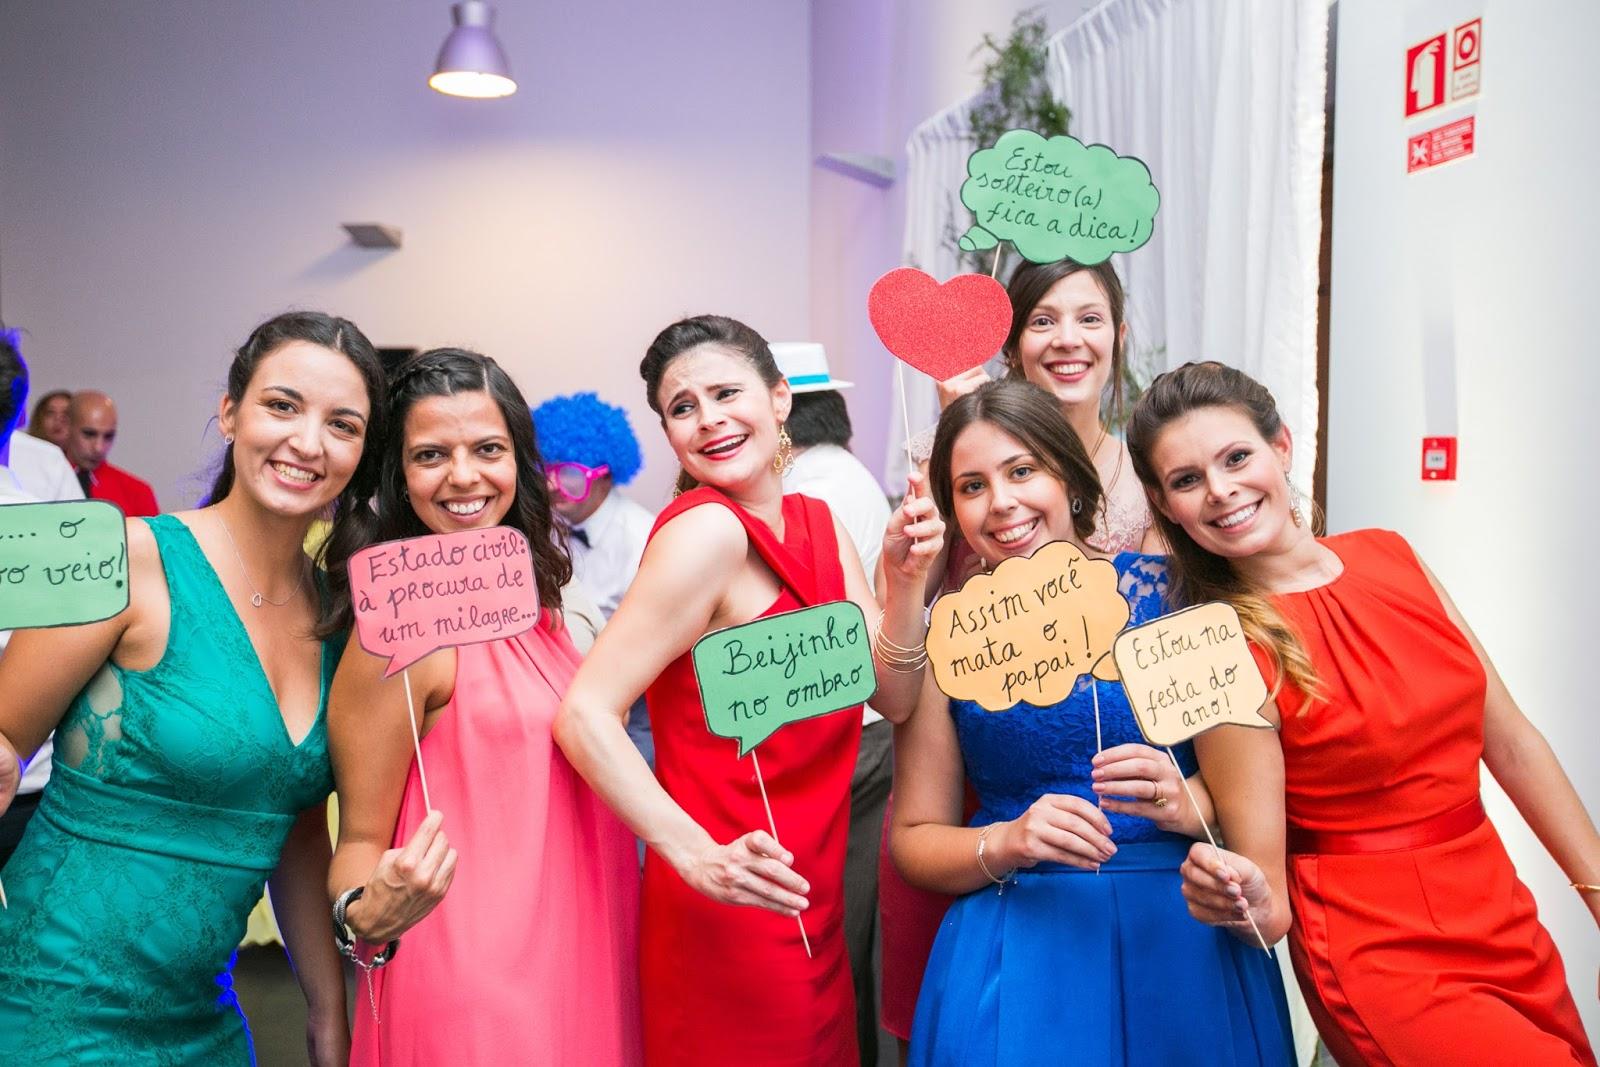 Our Wedding - Photo ideas